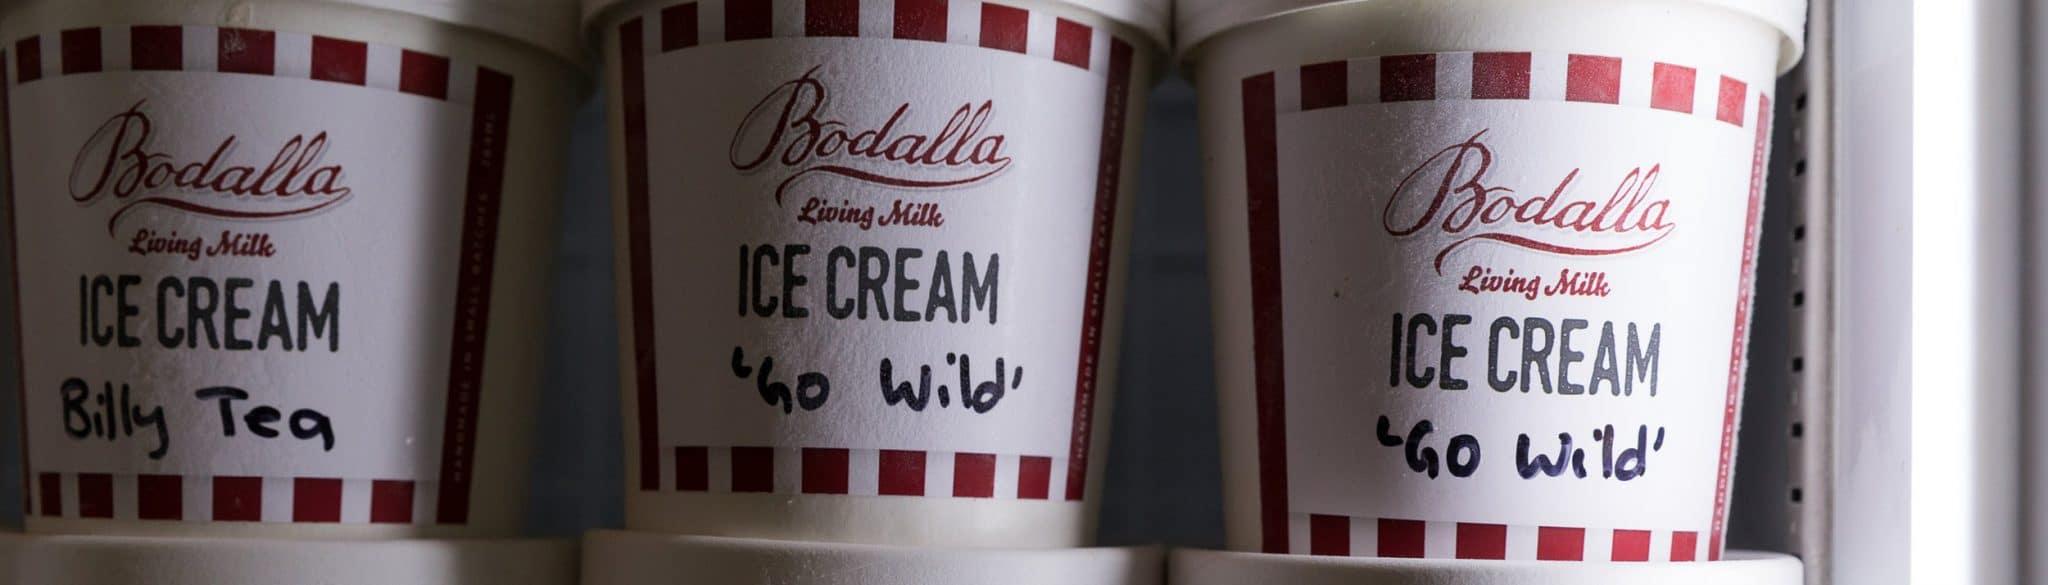 Bodalla Dairy Shed icecream